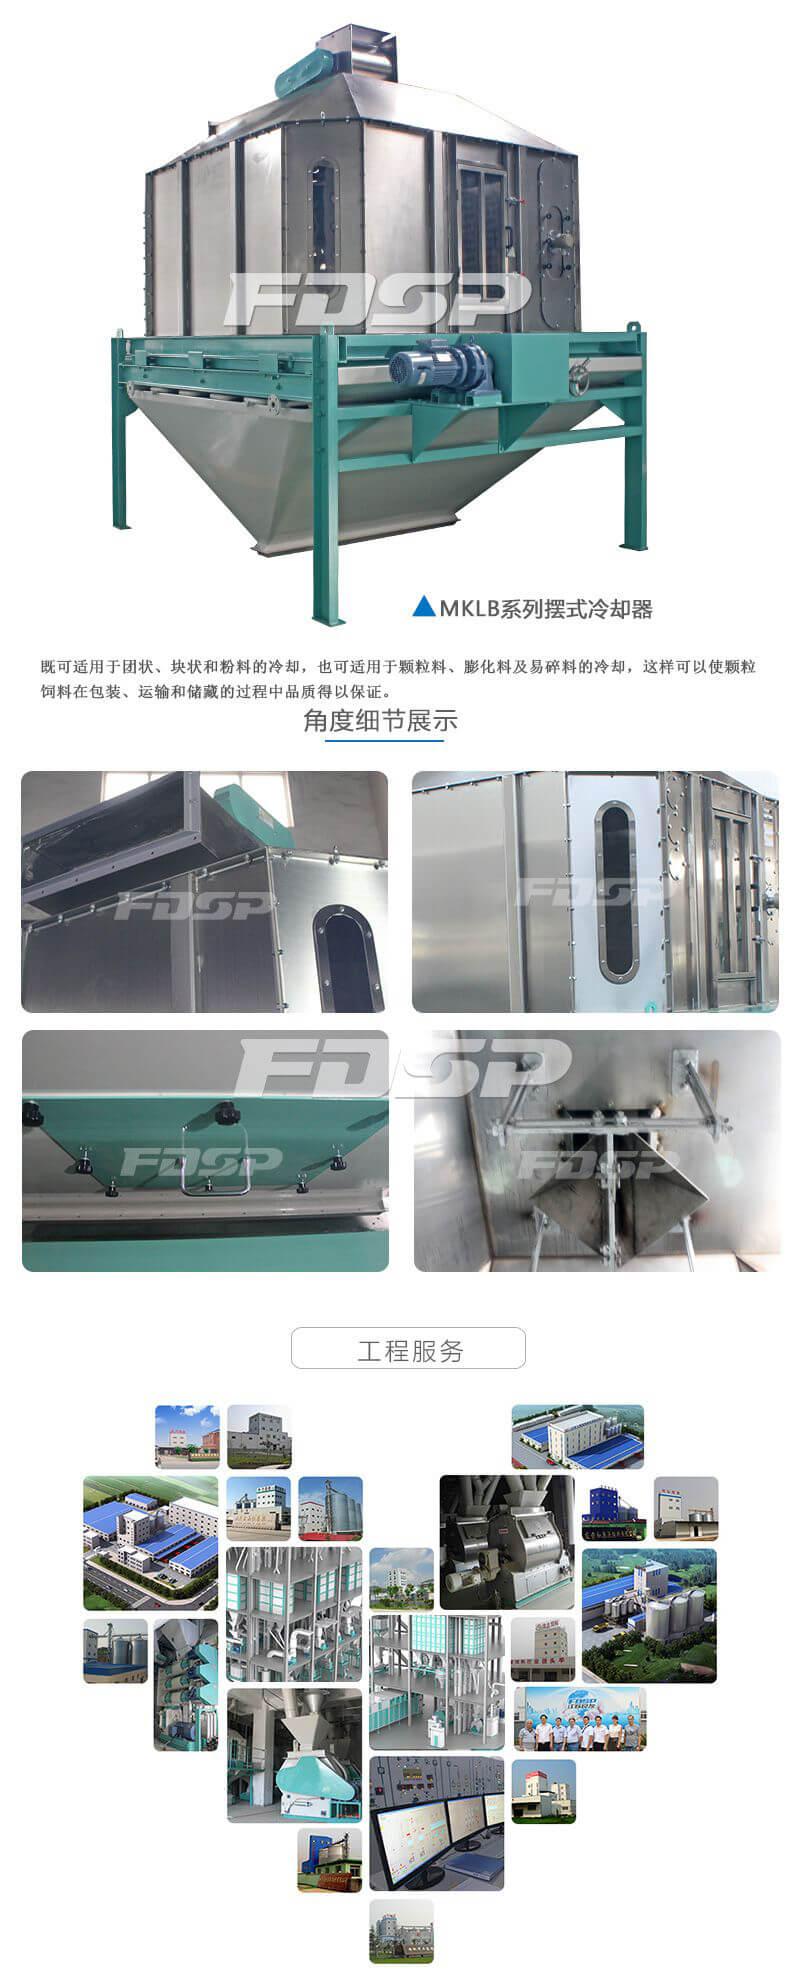 MKLB系列摆式冷却器